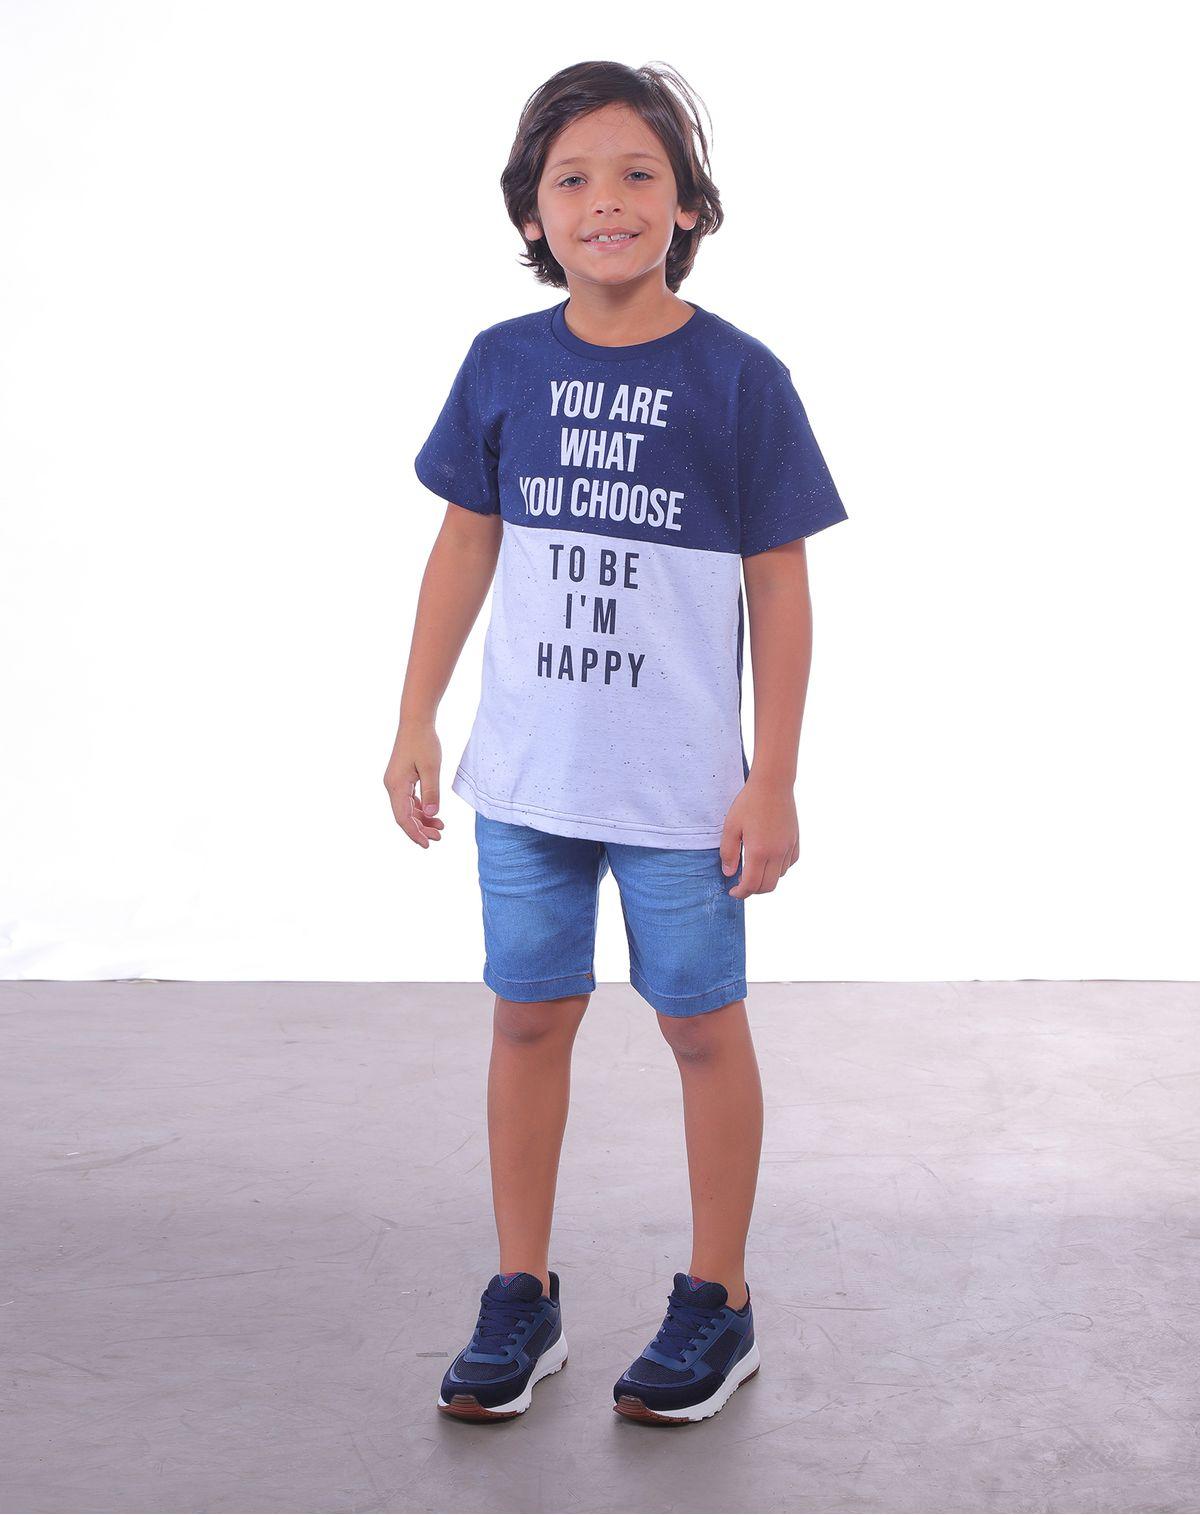 536320002-bermuda-jeans-azul-medio-infantil-menino-nervuras-jeans-6-ac9